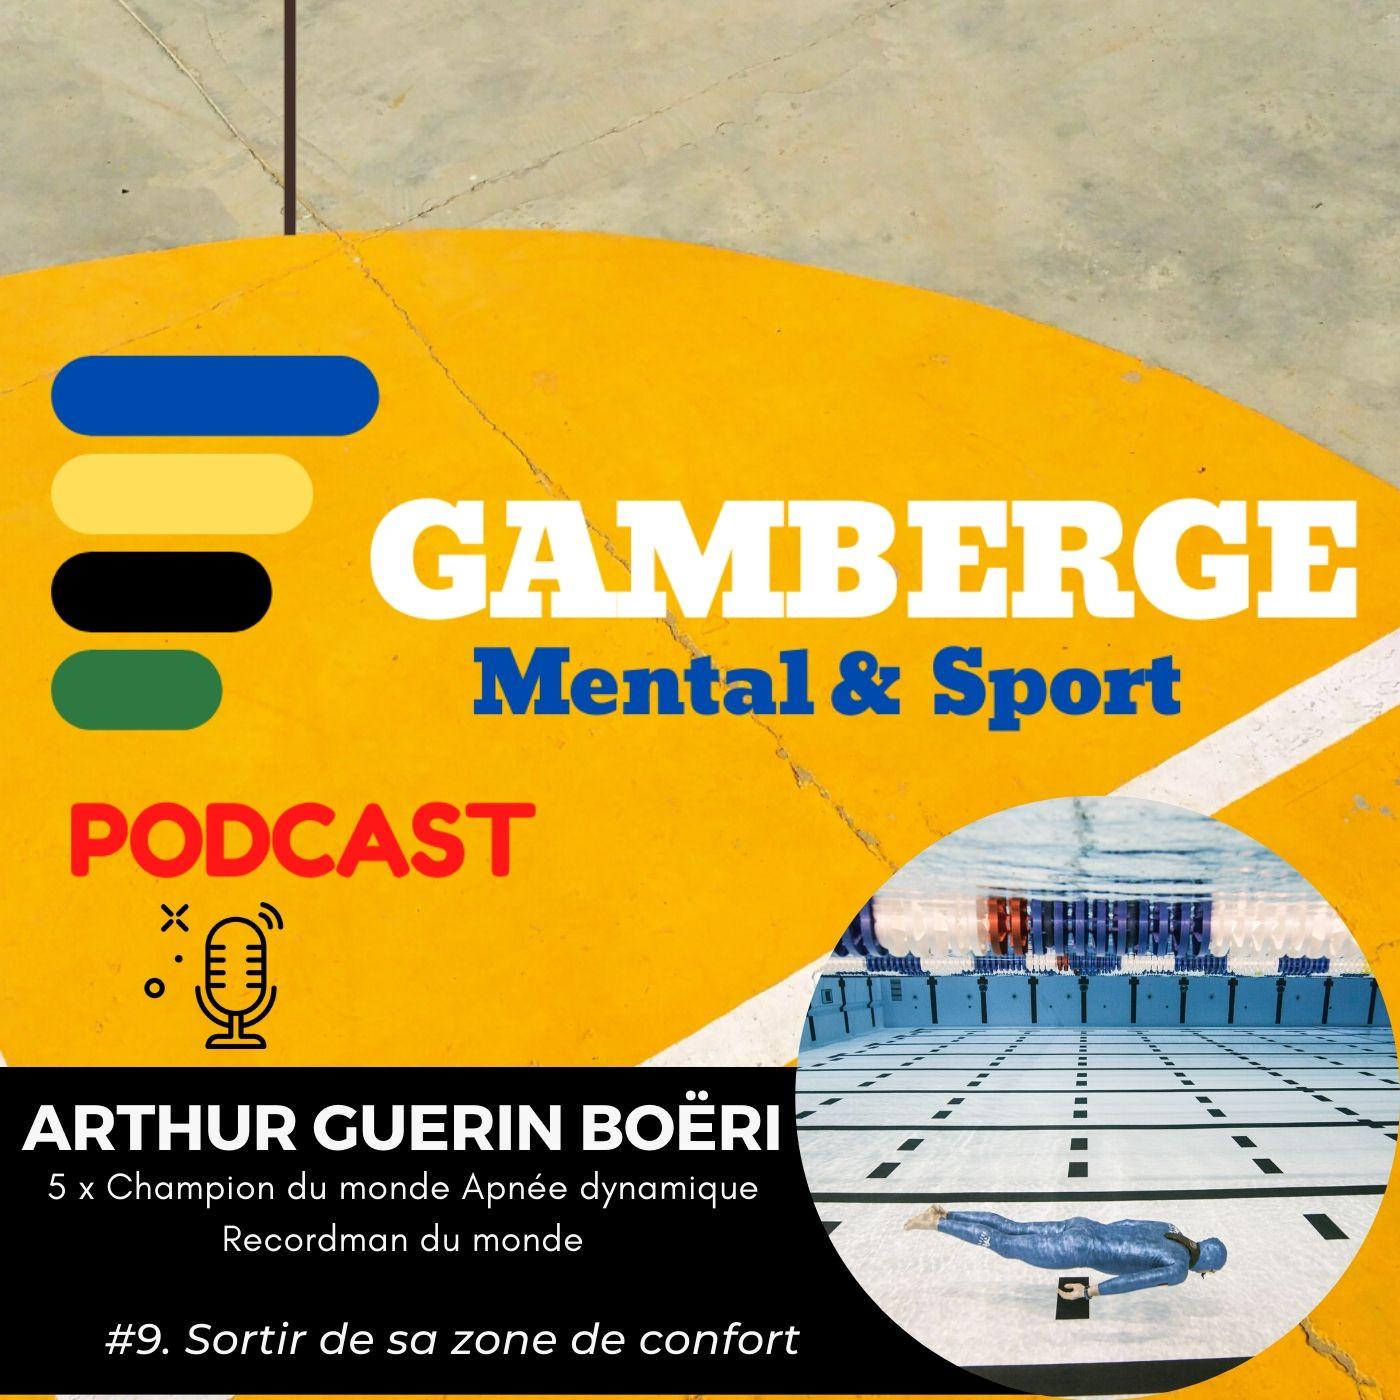 #9. Arthur Guérin Boeri: Sortir de sa zone de confort